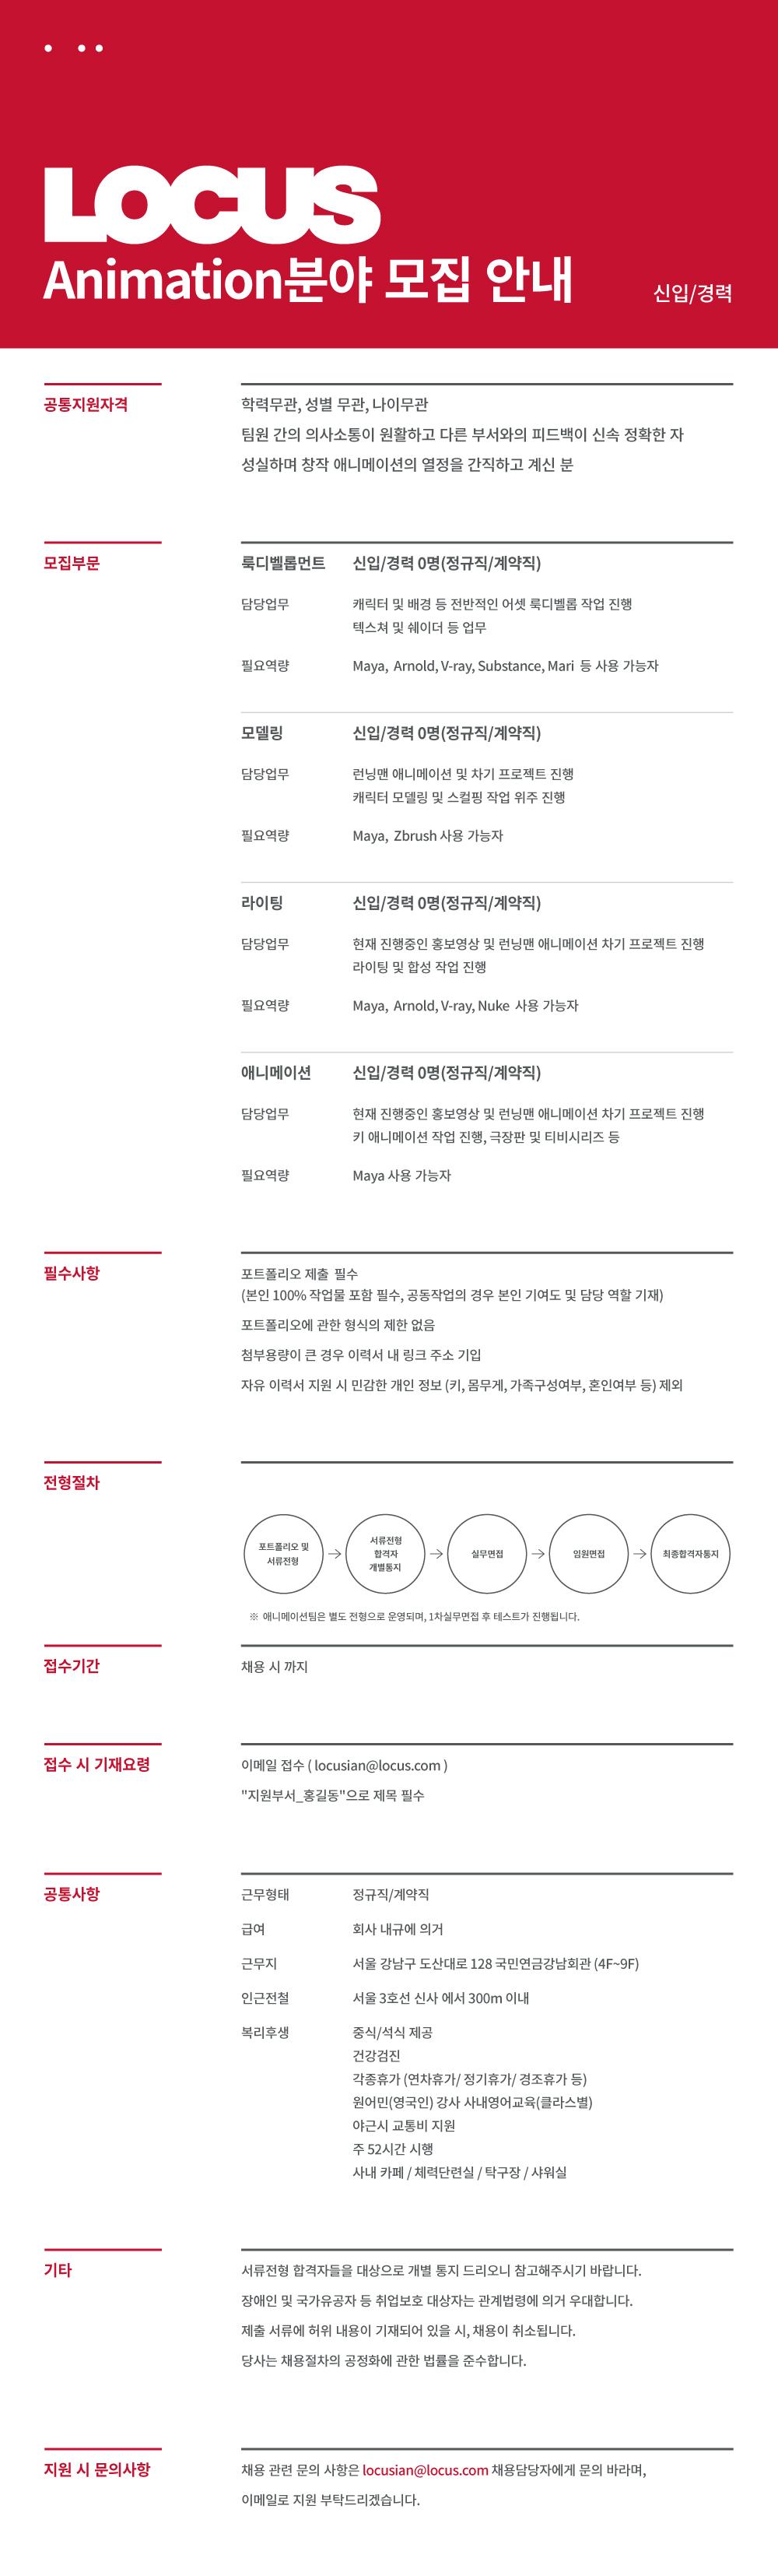 2020.02.10.locus_recruit_분야별(4).jpg